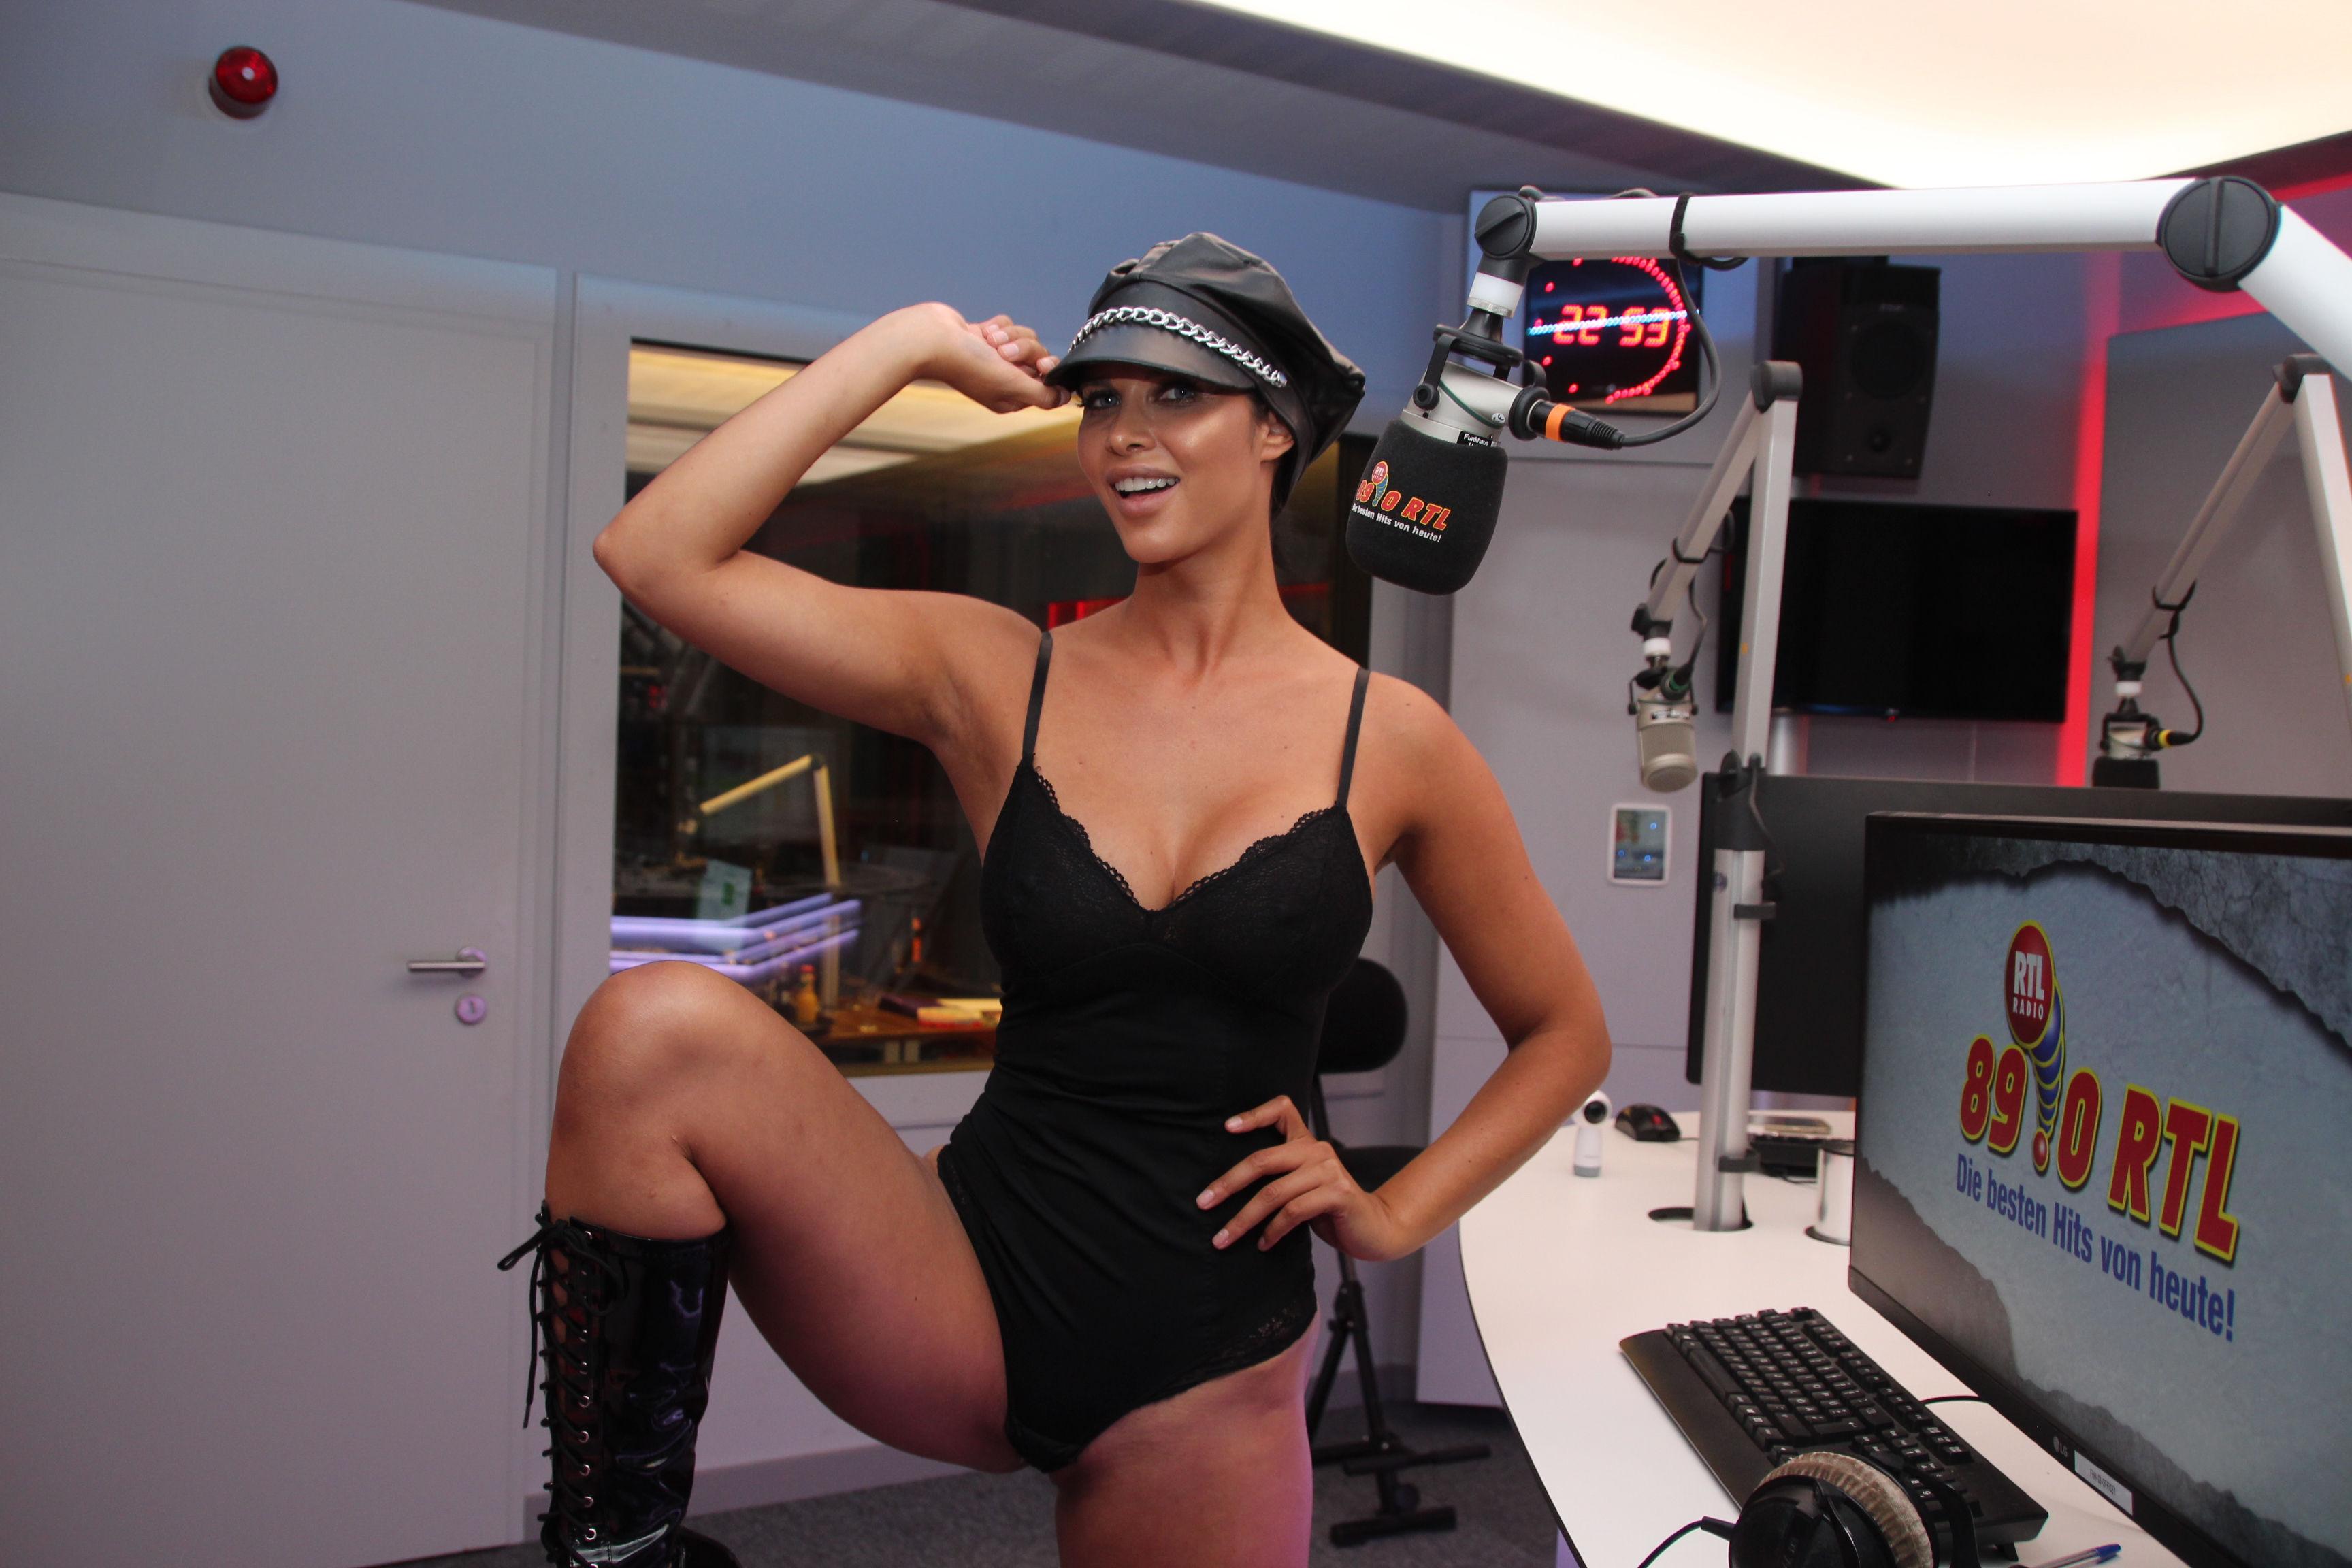 Micaela-Sch%C3%A4fer-Sexy-Topless-TheFappeningBlog.com-5.jpg